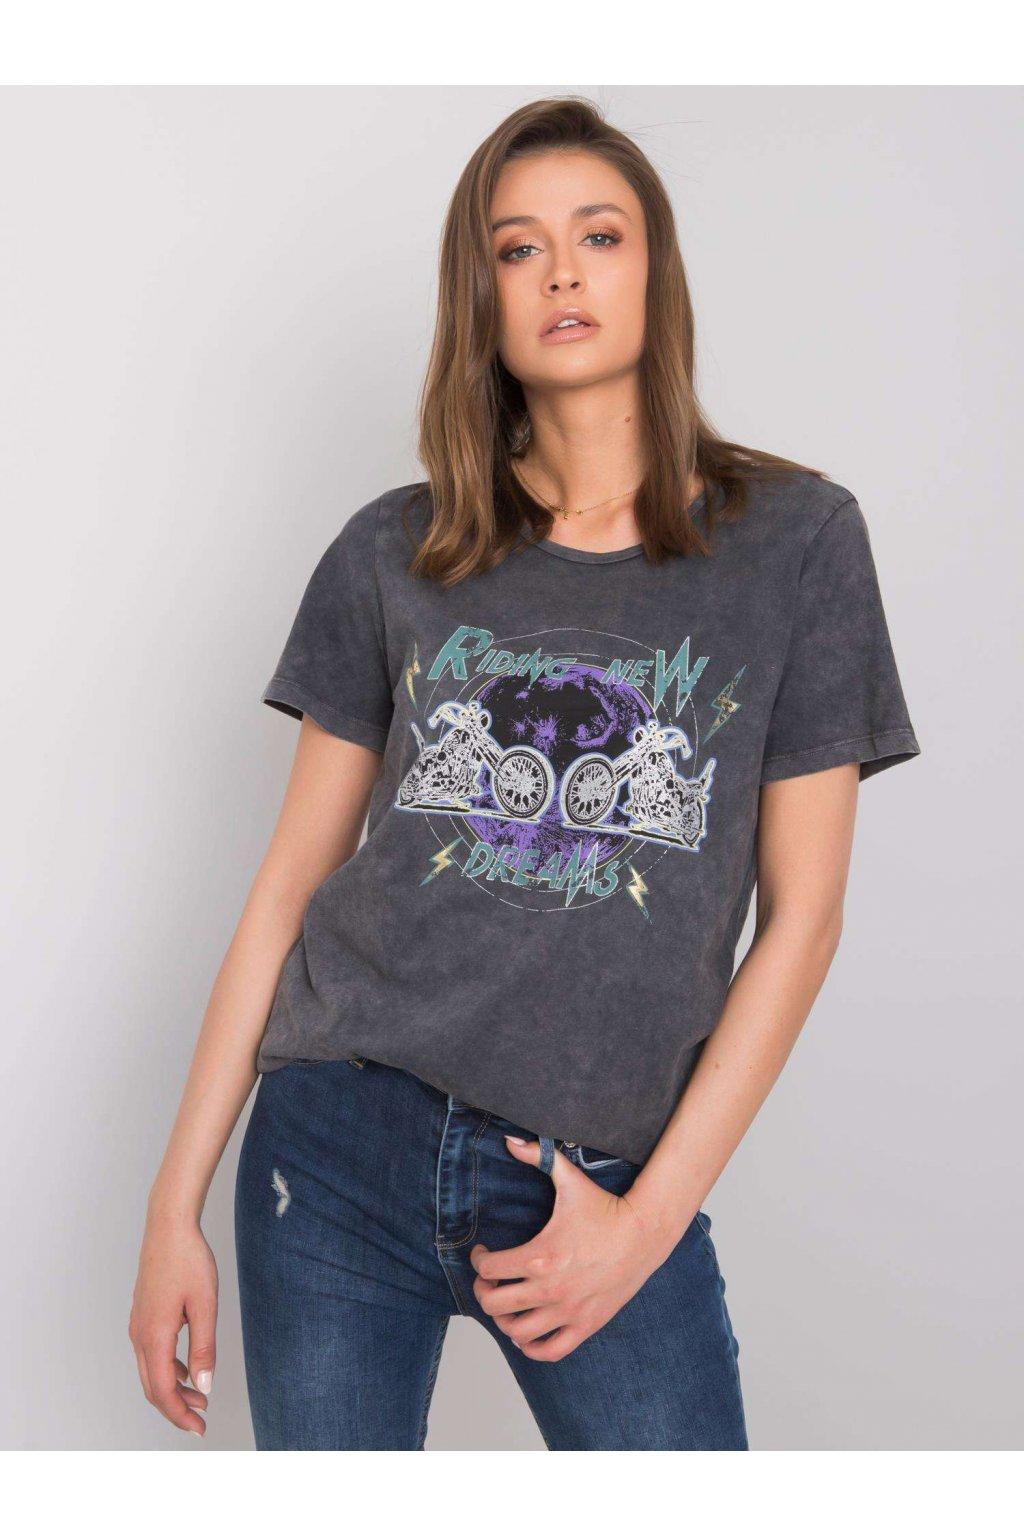 Tričko t-shirt kód 332-TS-2802.90